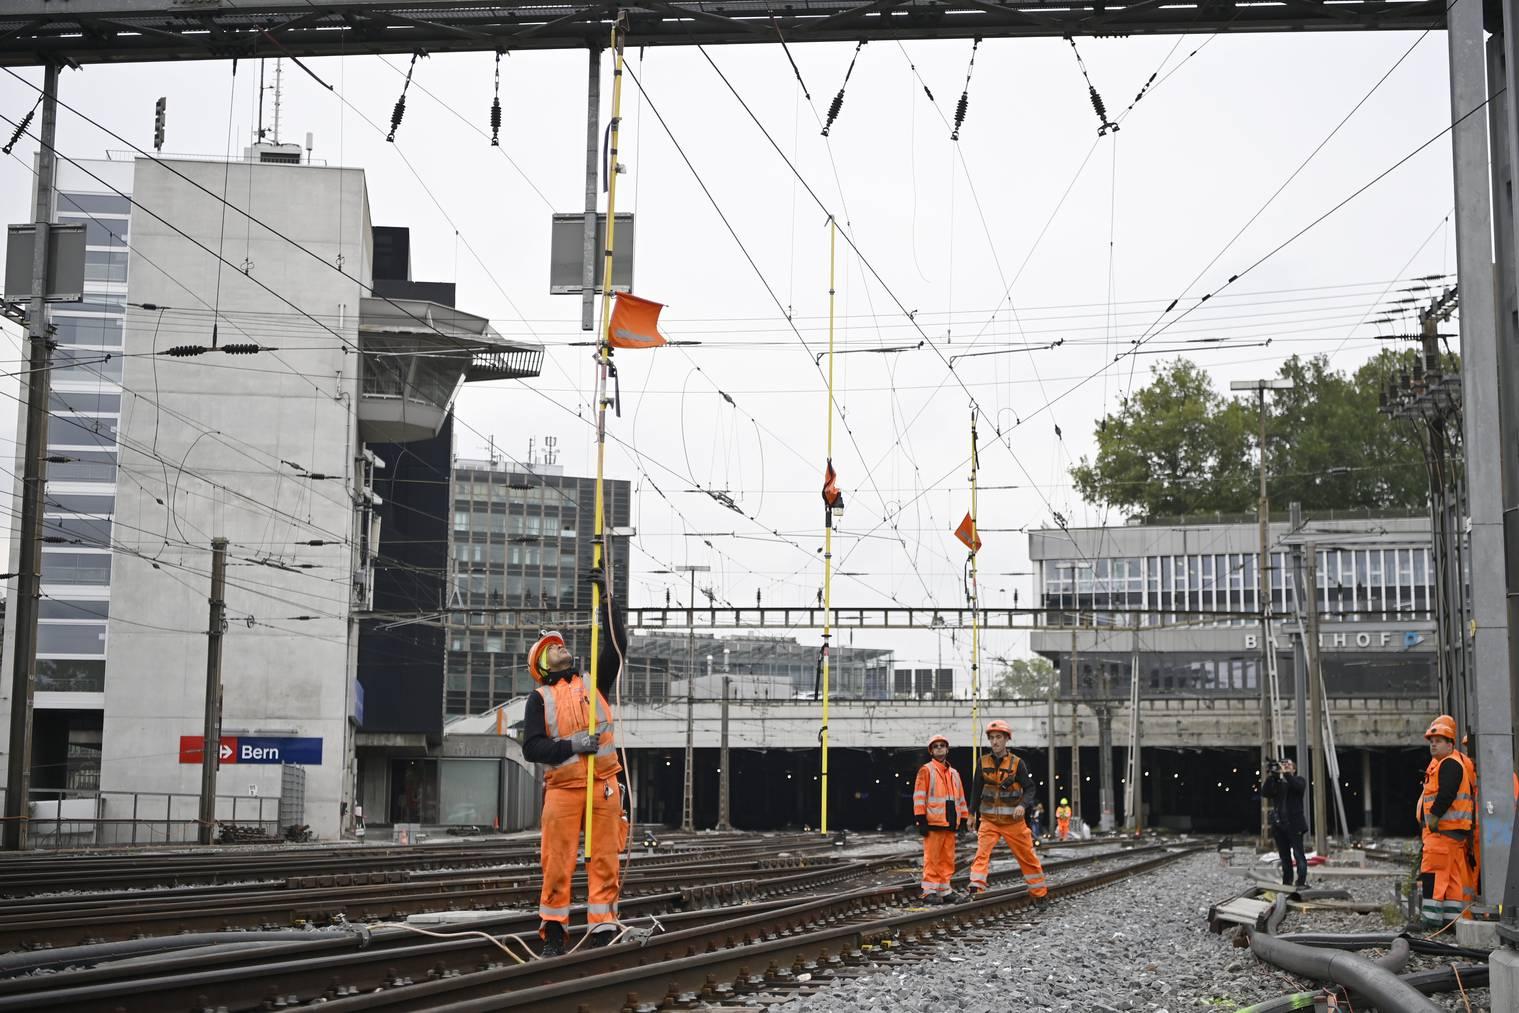 Bahnarbeiter reparieren die beschädigte Fahrleitung beim Bahnhof Bern.